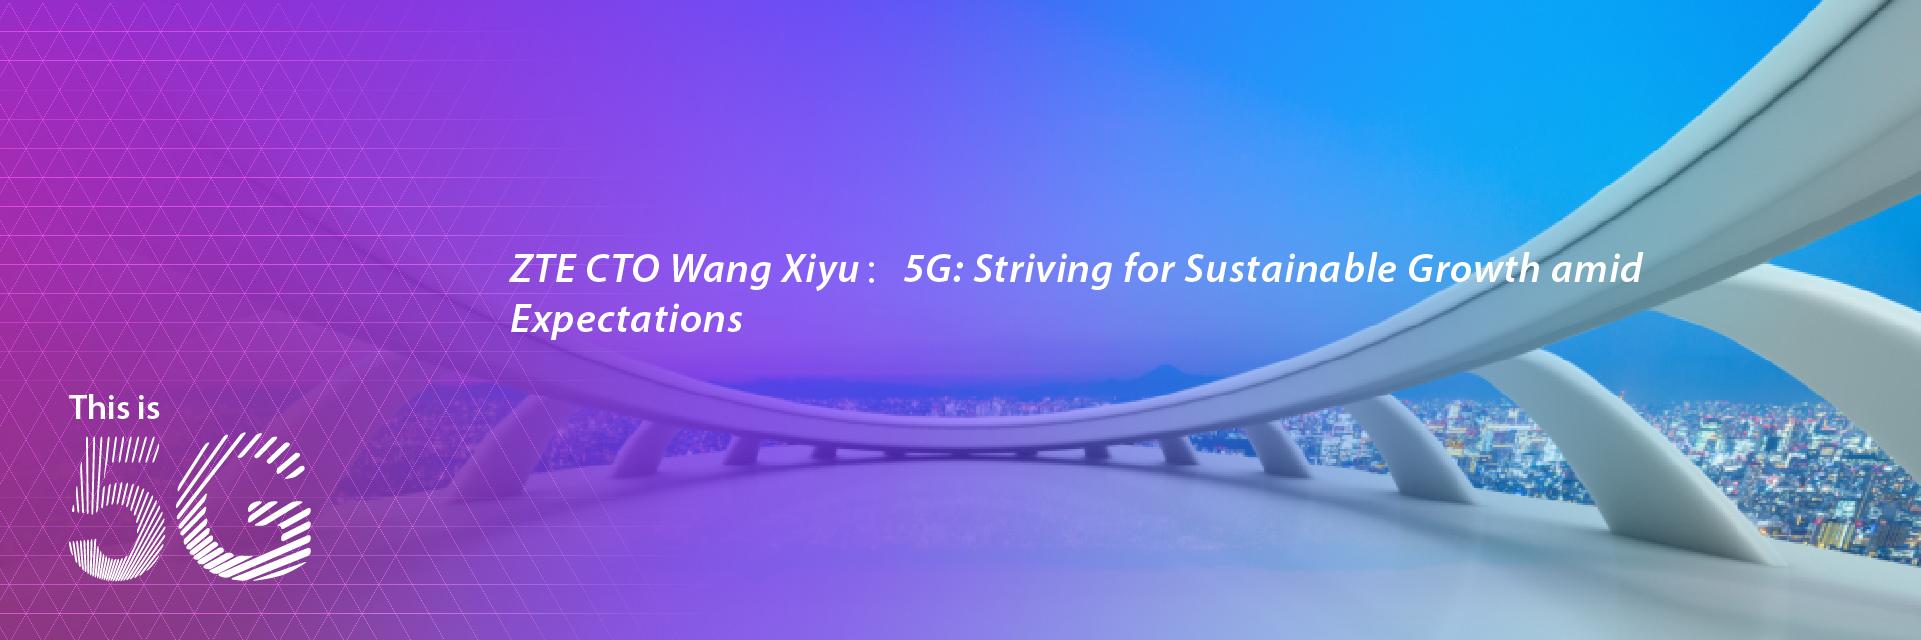 美高梅手机版登录485 CTO Wang Xiyu: 5G:Striving for Sustainable Growth amid Expectations